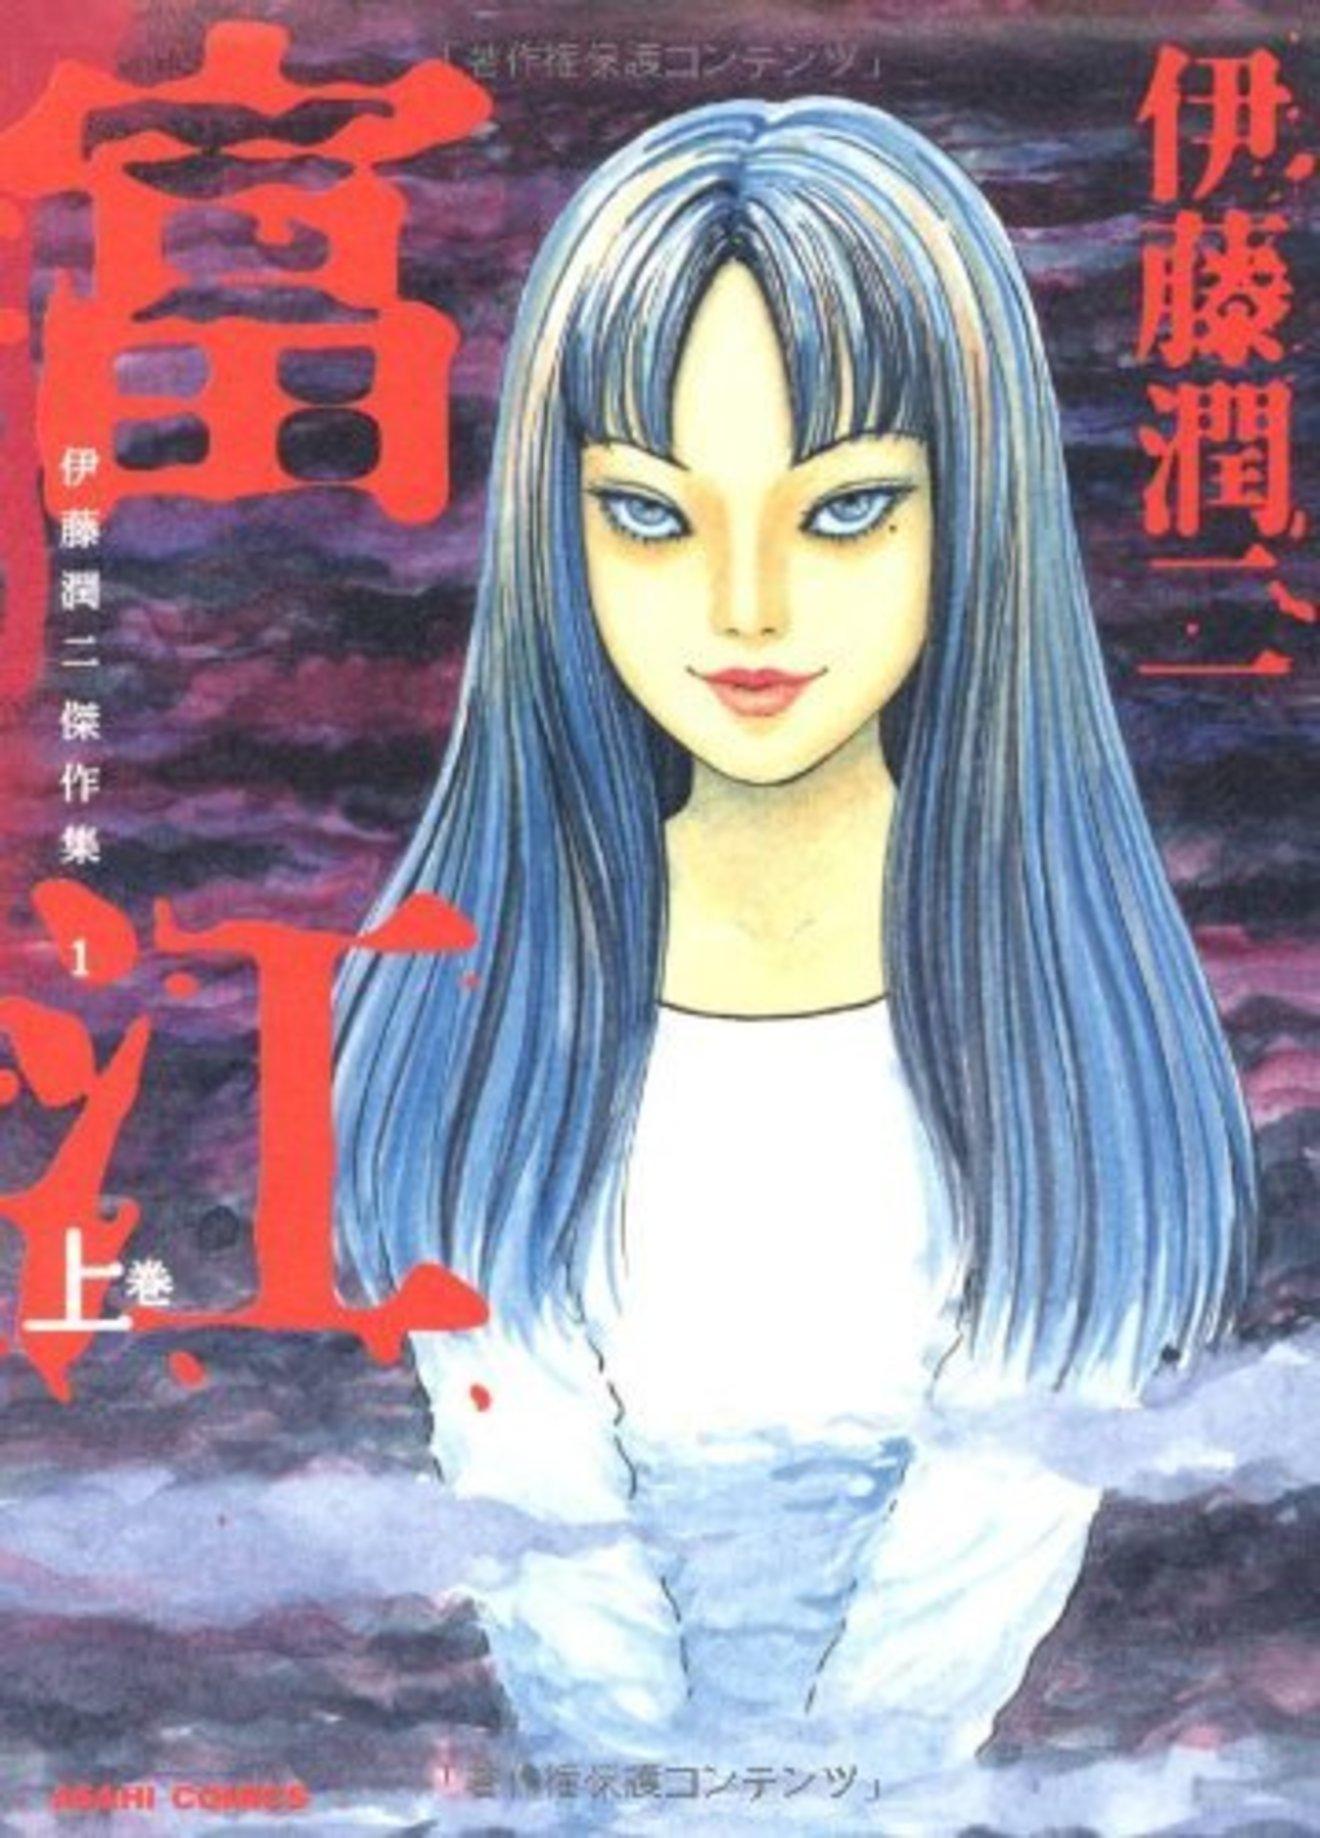 伊藤潤二『富江』の怖い魅力。何度も殺される美少女の結末は【ネタバレ注意】